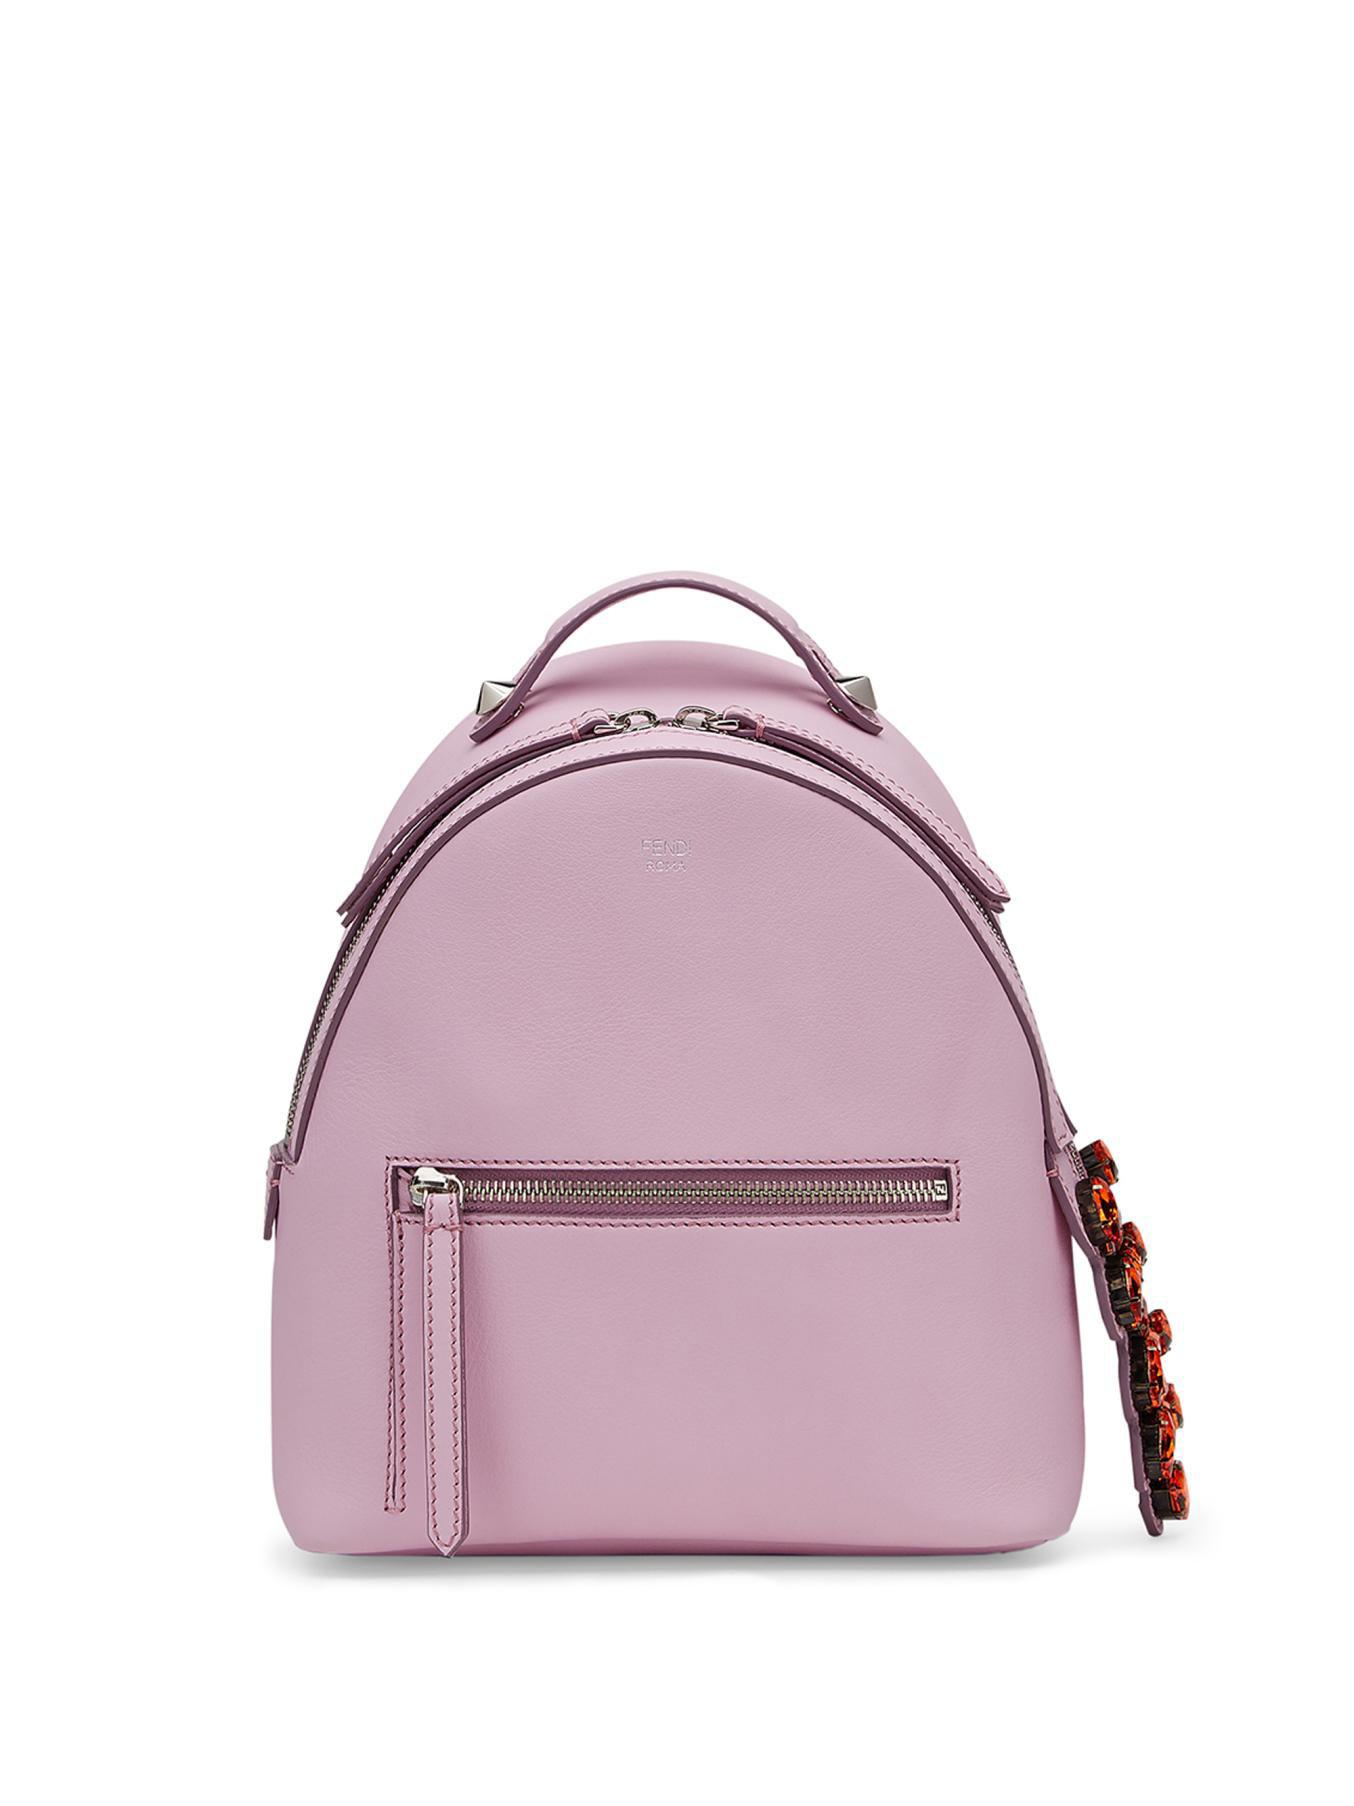 4a327ca45161 Lyst - Fendi Swarovski Crystal-Embellished Mini Backpack in Purple